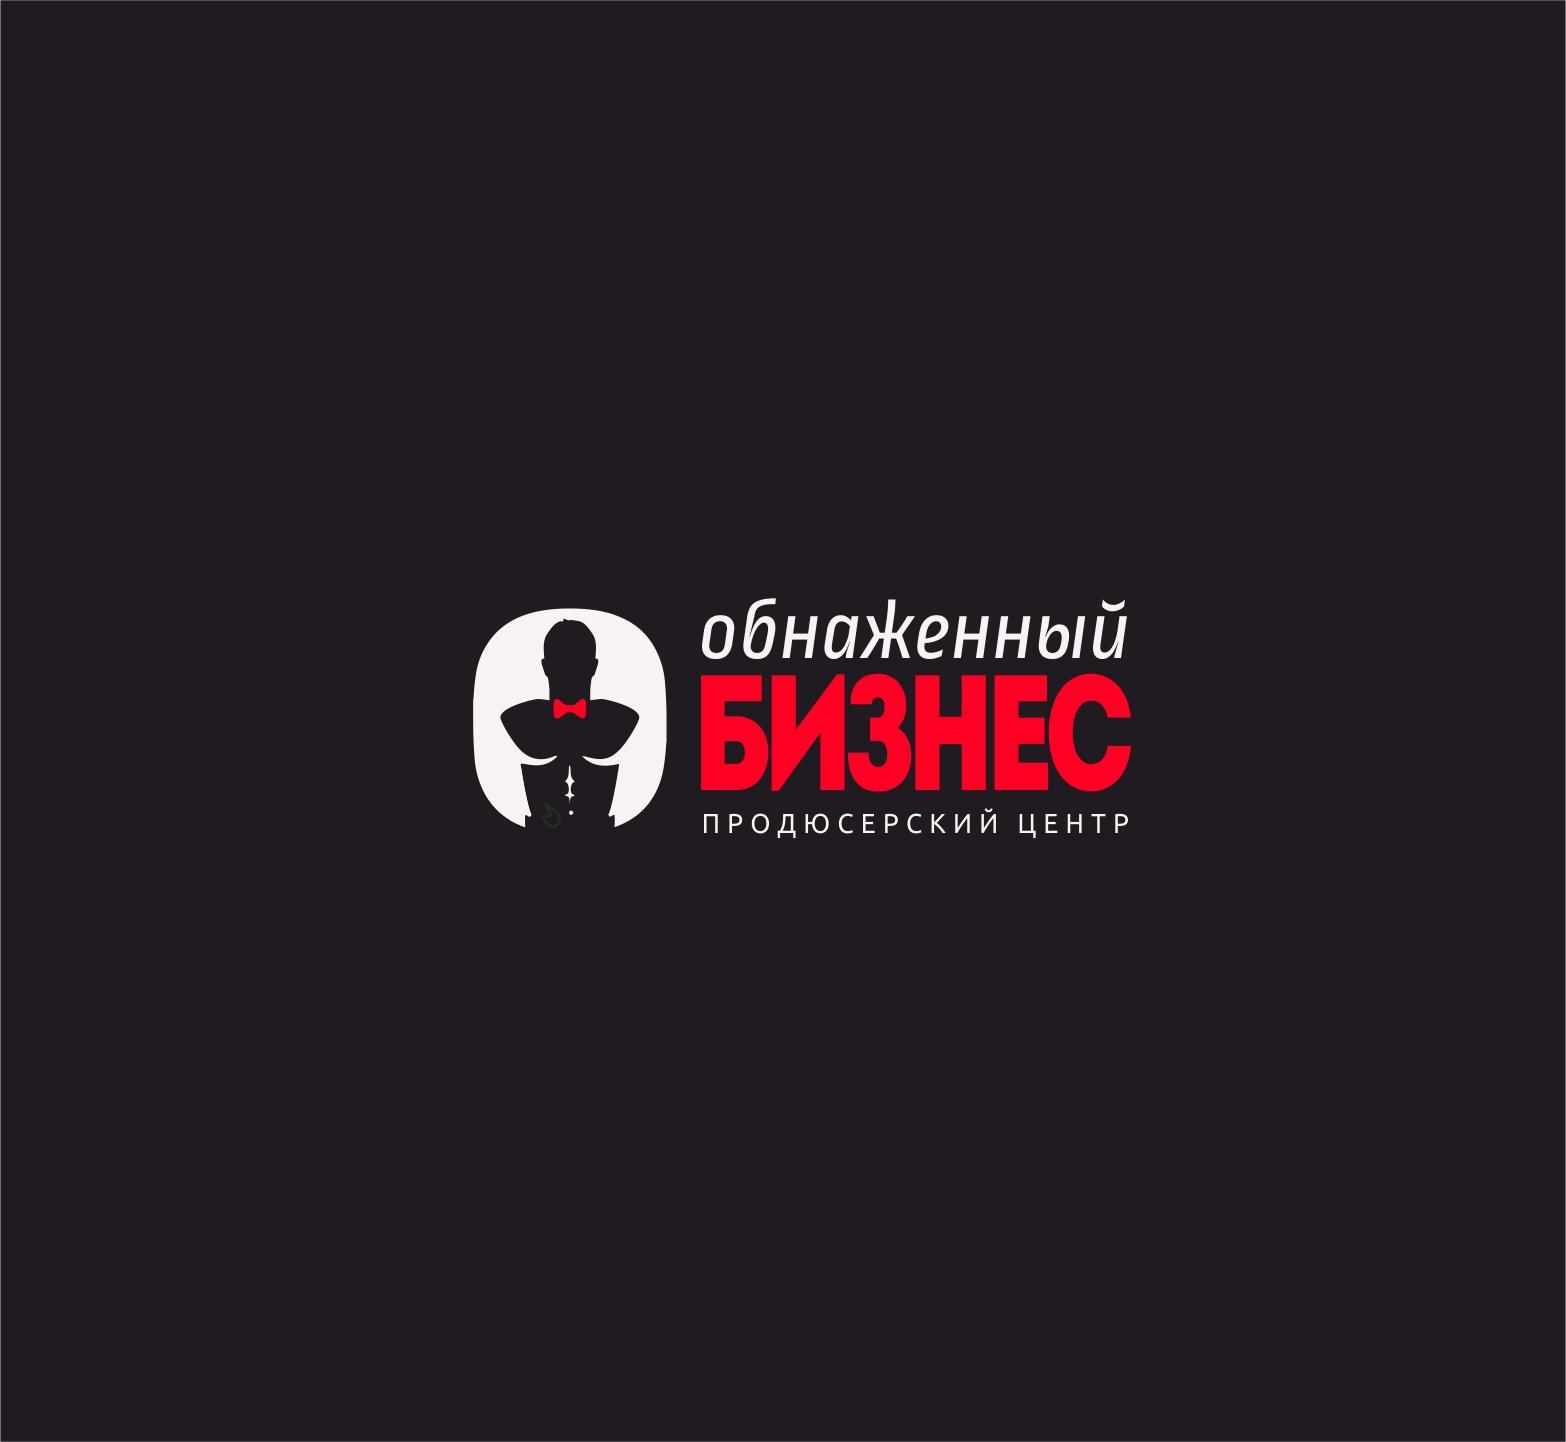 """Логотип для продюсерского центра """"Обнажённый бизнес"""" фото f_2705b9e05a0b7f4c.jpg"""